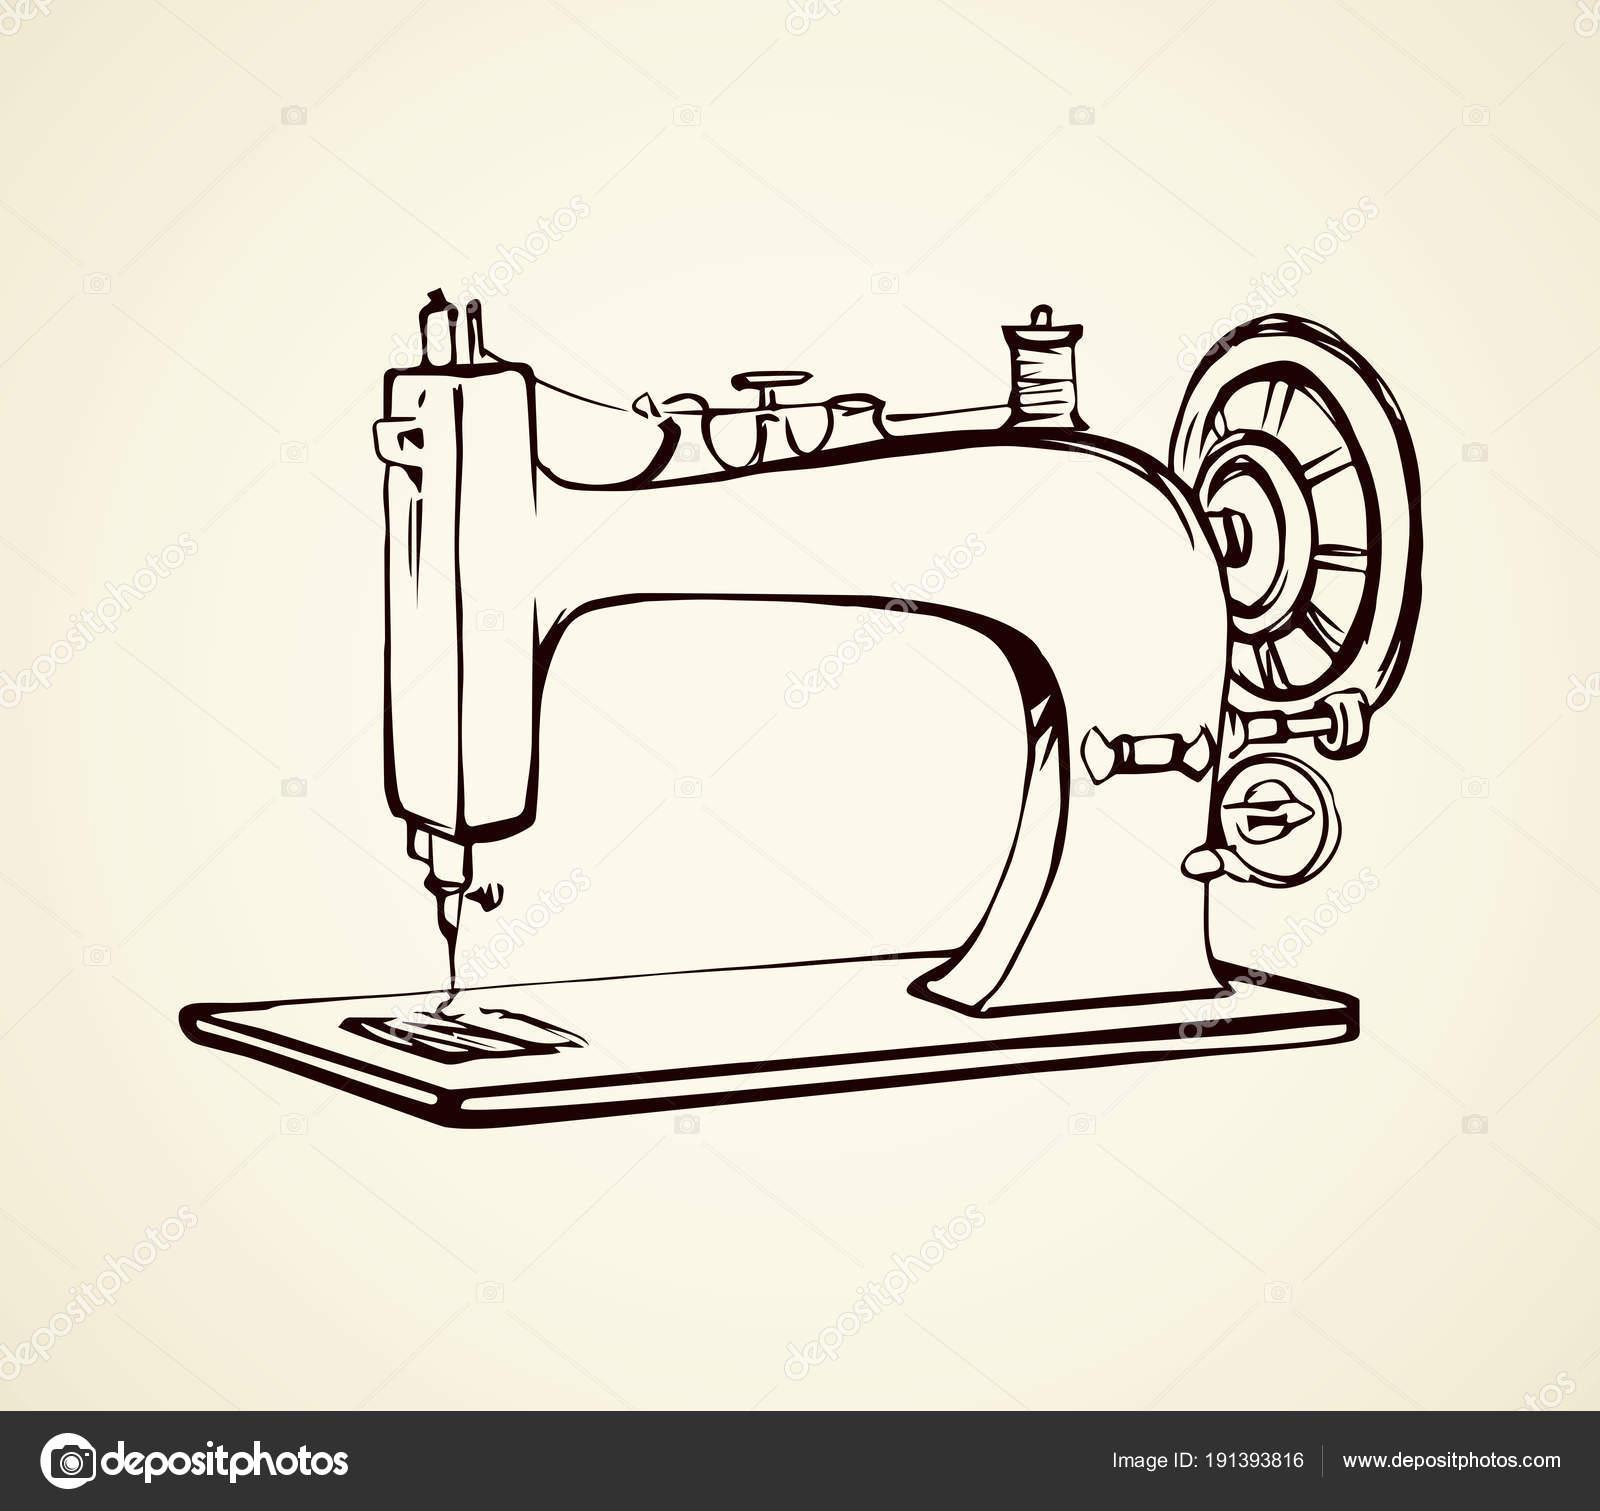 Máquina de coser. Dibujo vectorial — Archivo Imágenes Vectoriales ...